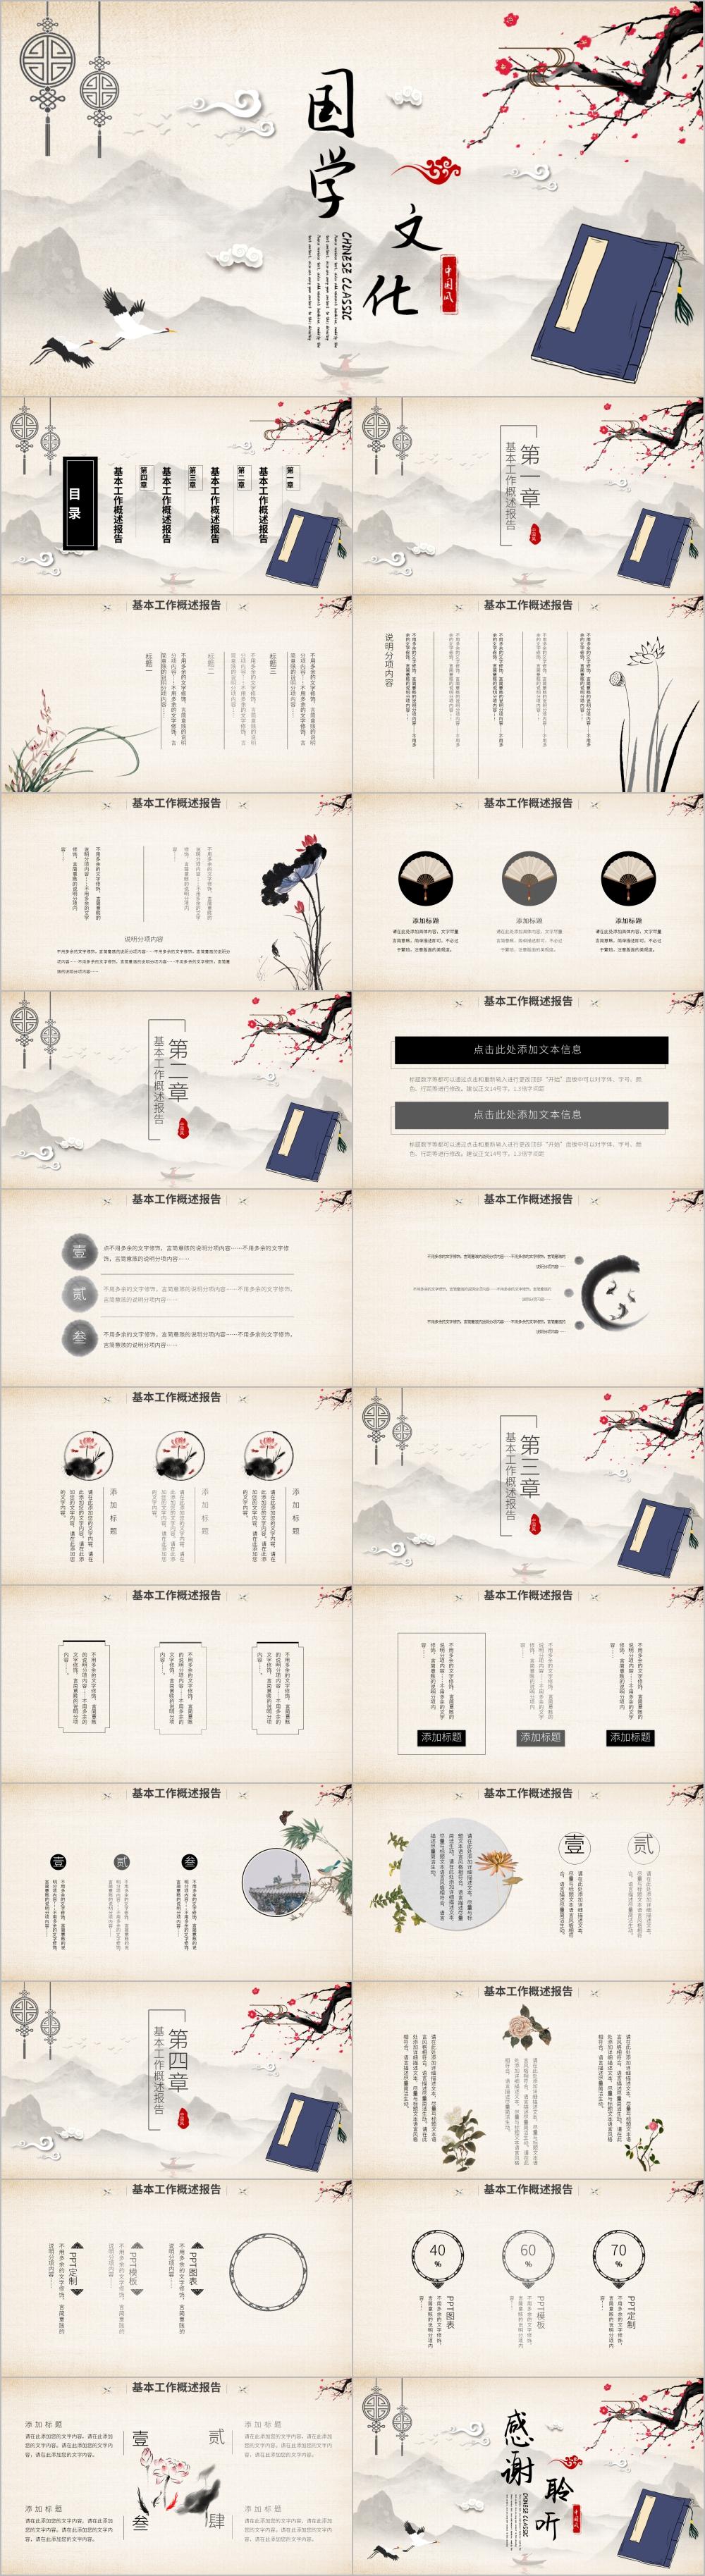 水墨中国风经典国学文化PPT模板